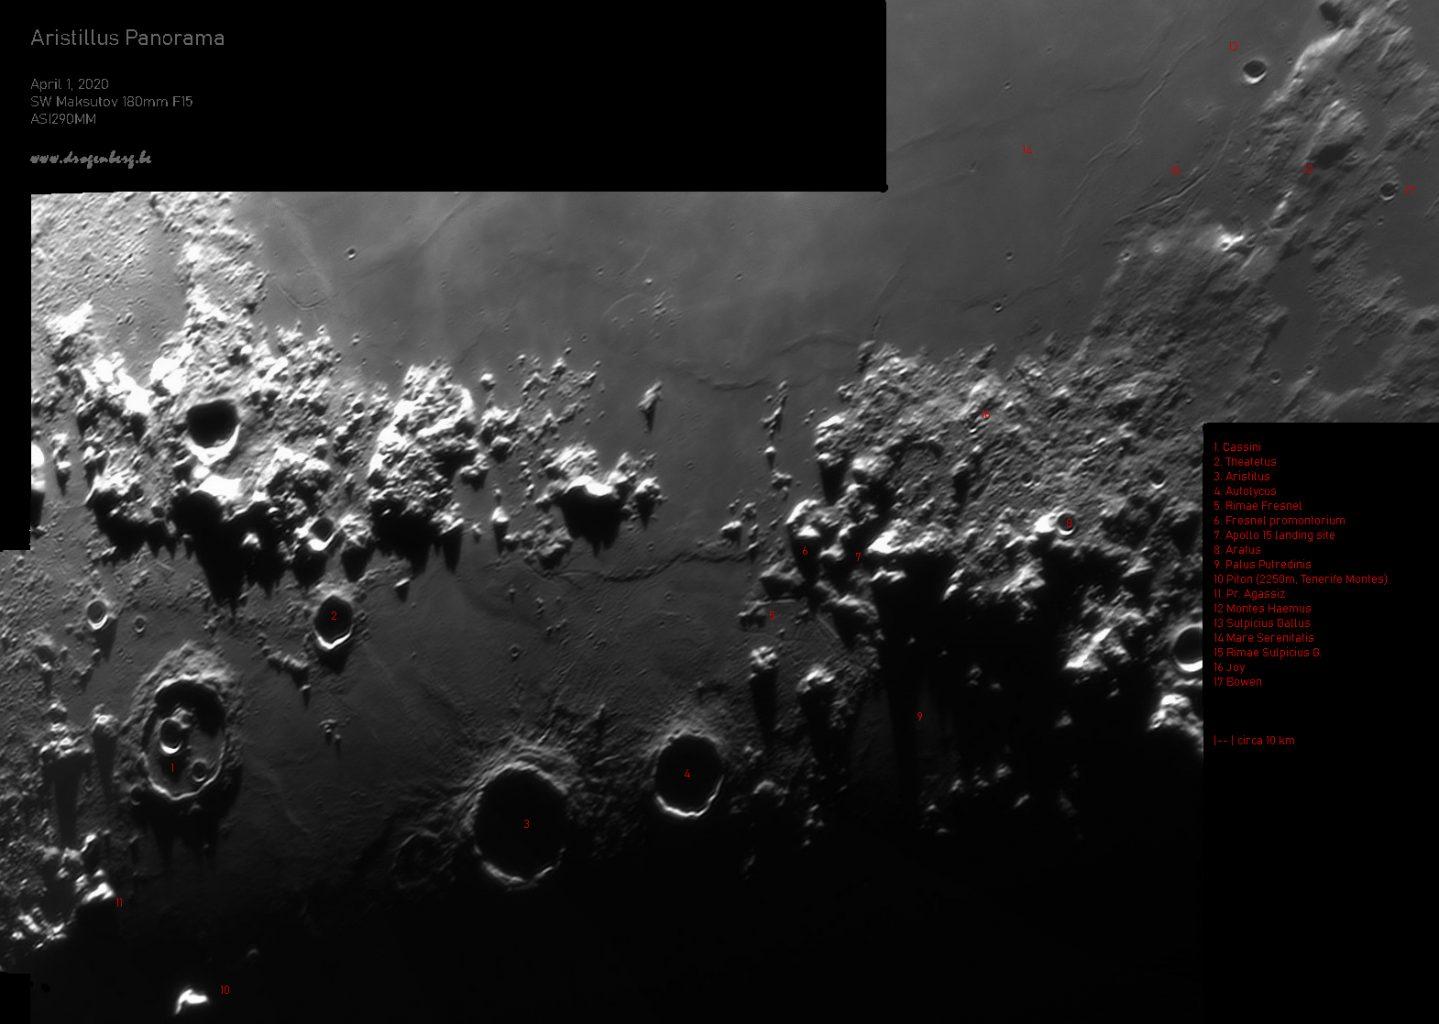 Hyginus-Triesnecker-panorama-MAK180-ASI290mm-Annotated-1APR2020-MAK180